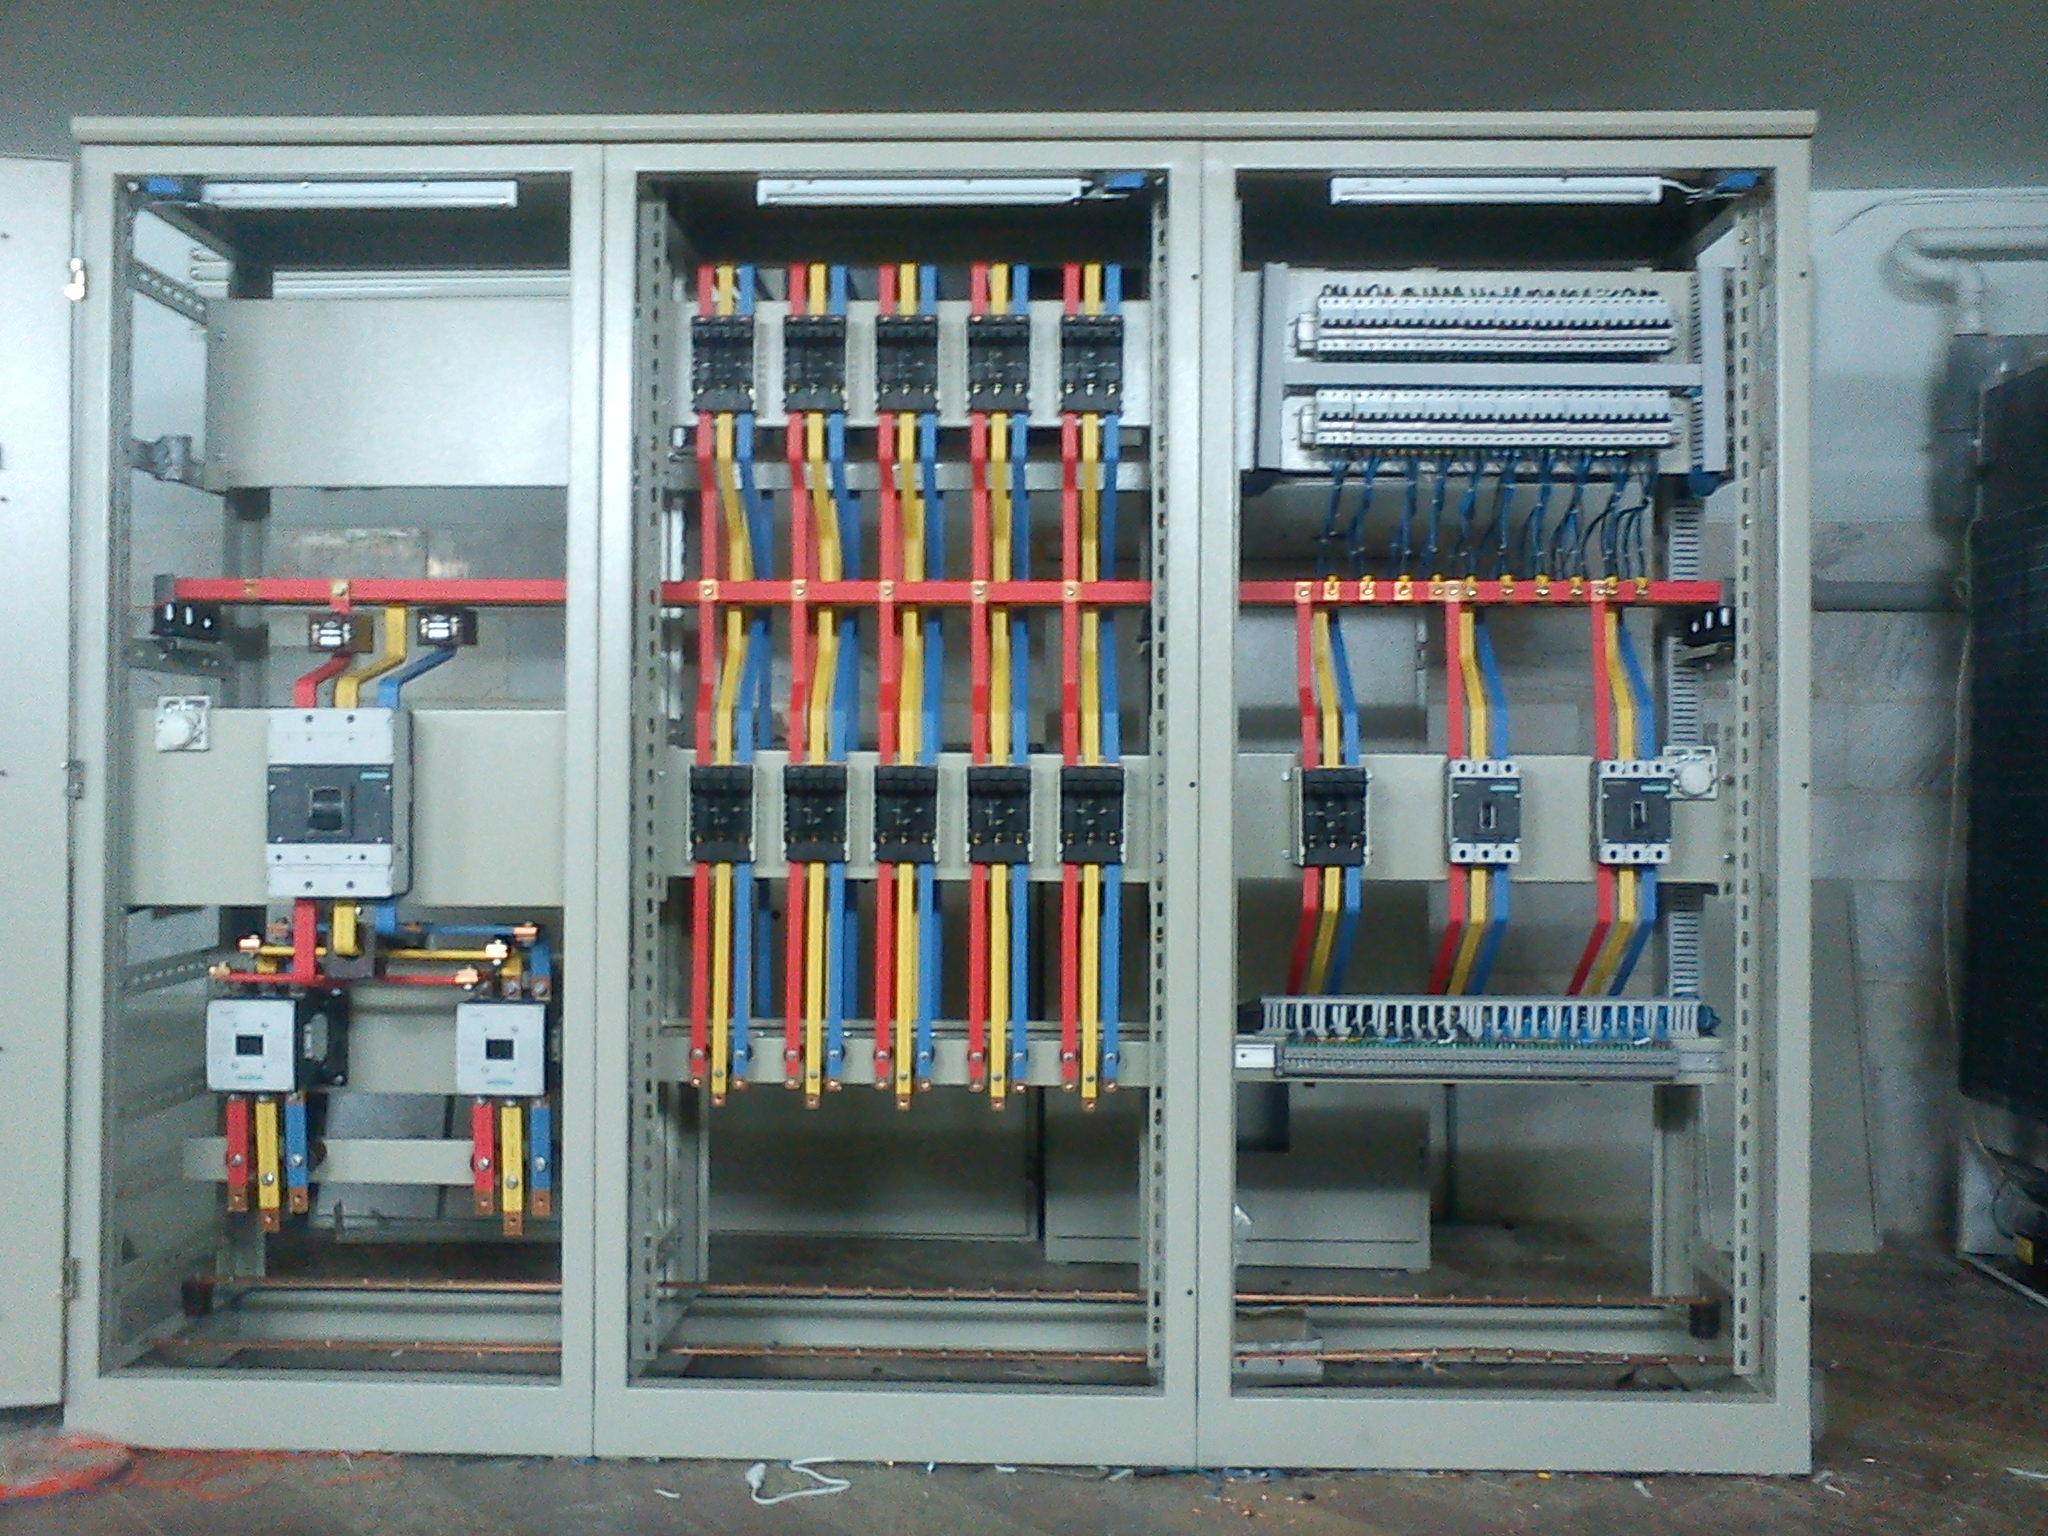 پروژه کارآموزی رشته مهندسی برق قطعات تابلو برق و کاربرد نرم افزار AtuoCAD